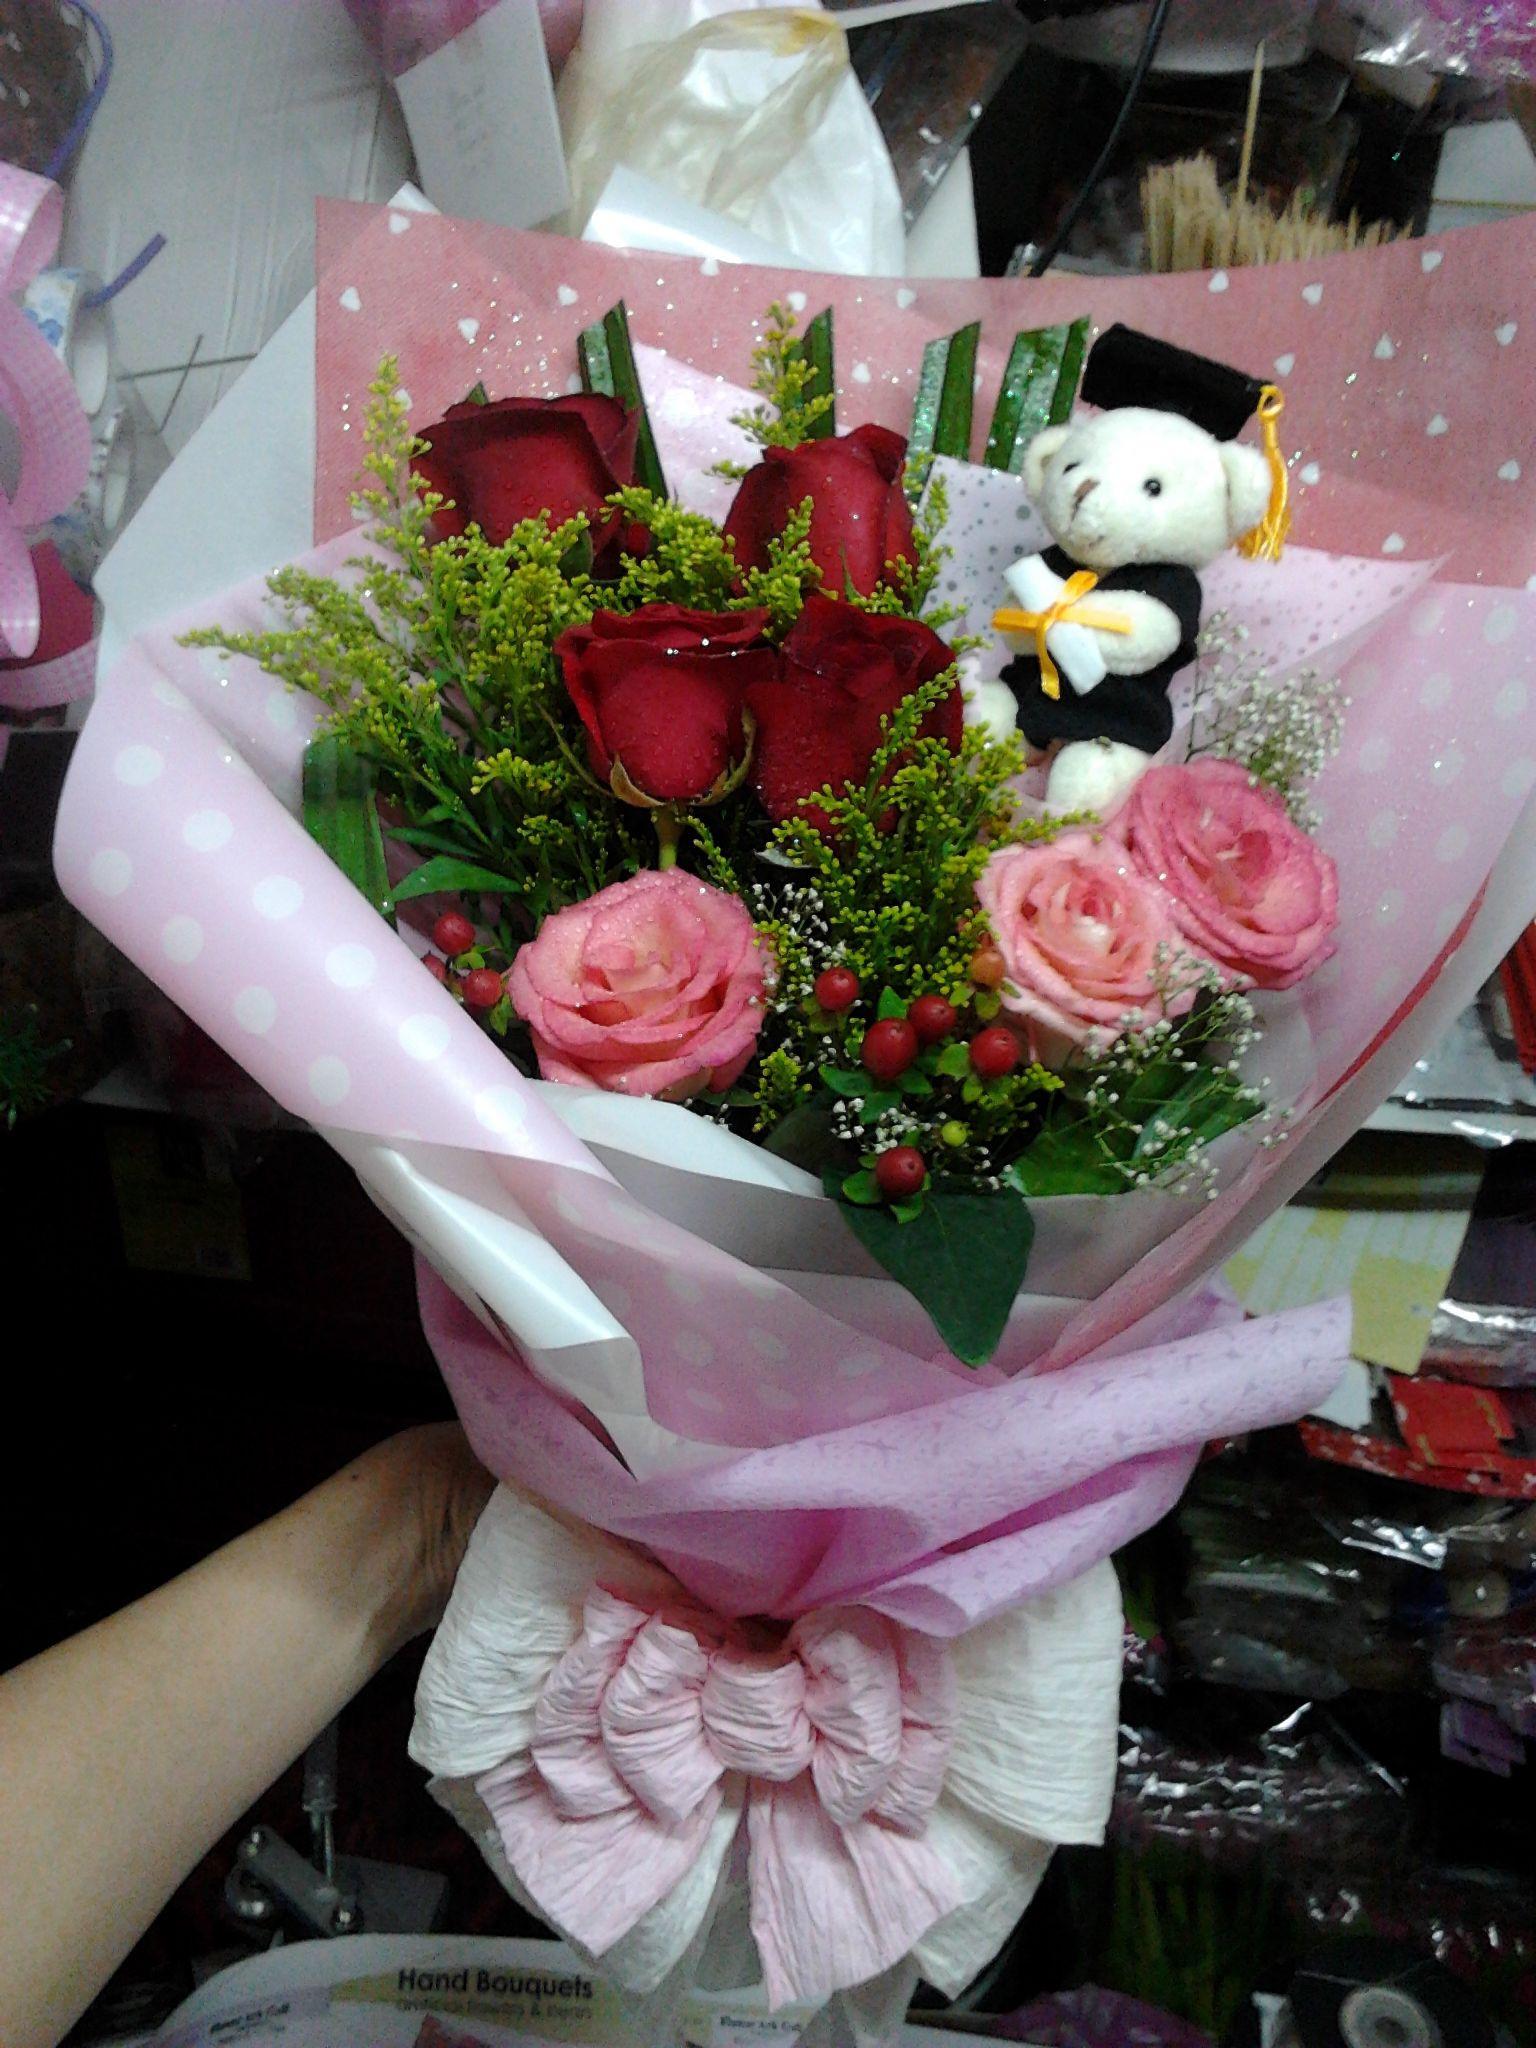 Penang Florist Free Delivery Penang Florist Bayan Lepas Graduation Hand Bouquet Flower Ark Gallery Annie Florist 013